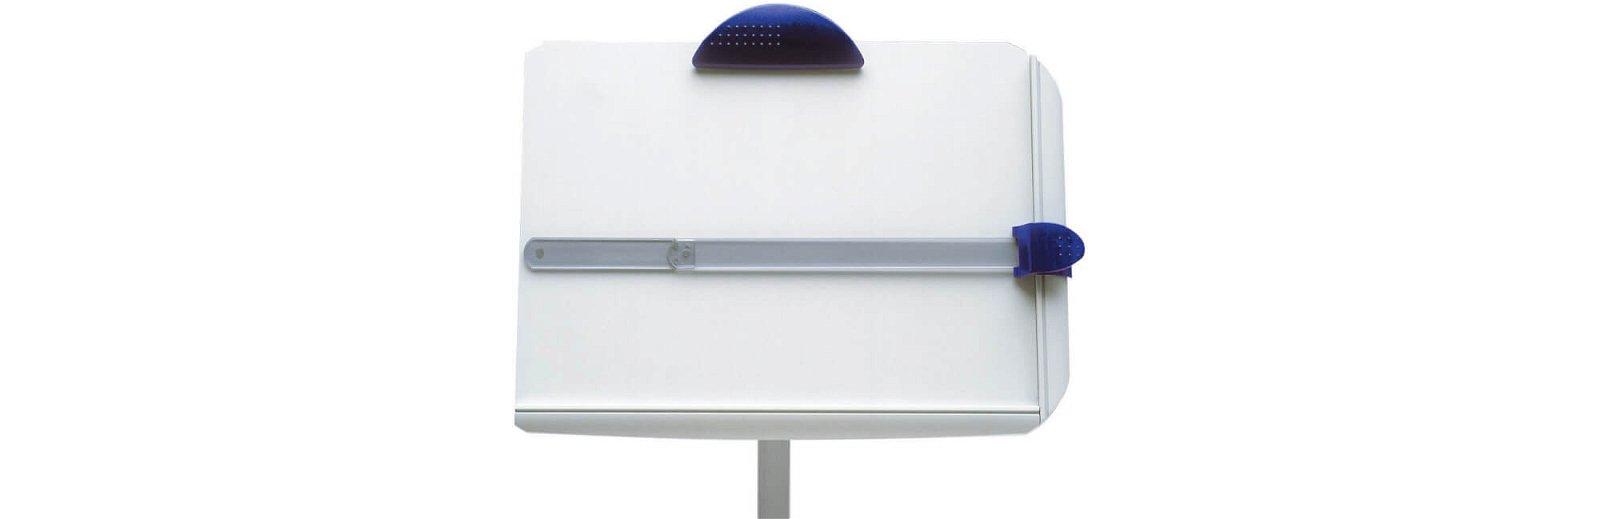 Konzepthalter Universal mit Tragarm und Fußplatte, grau